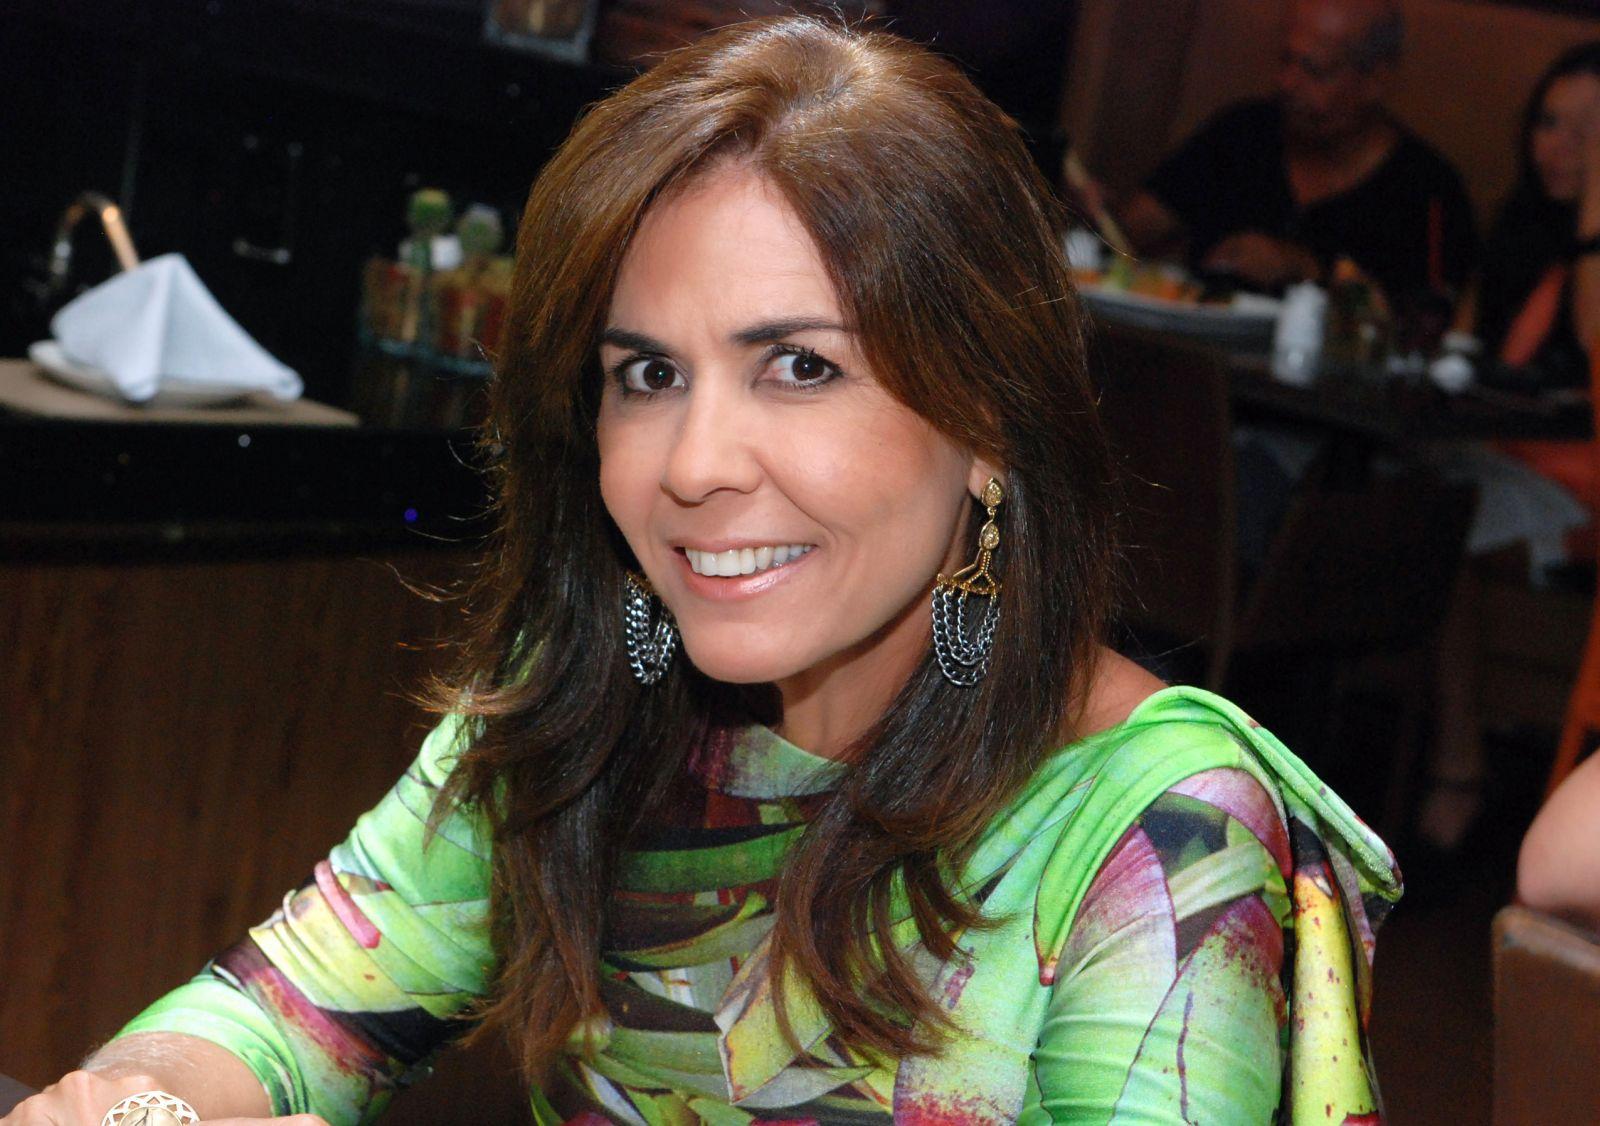 Anna Cláudia Libório destaque total na festa do Trivoli em Praia do Forte